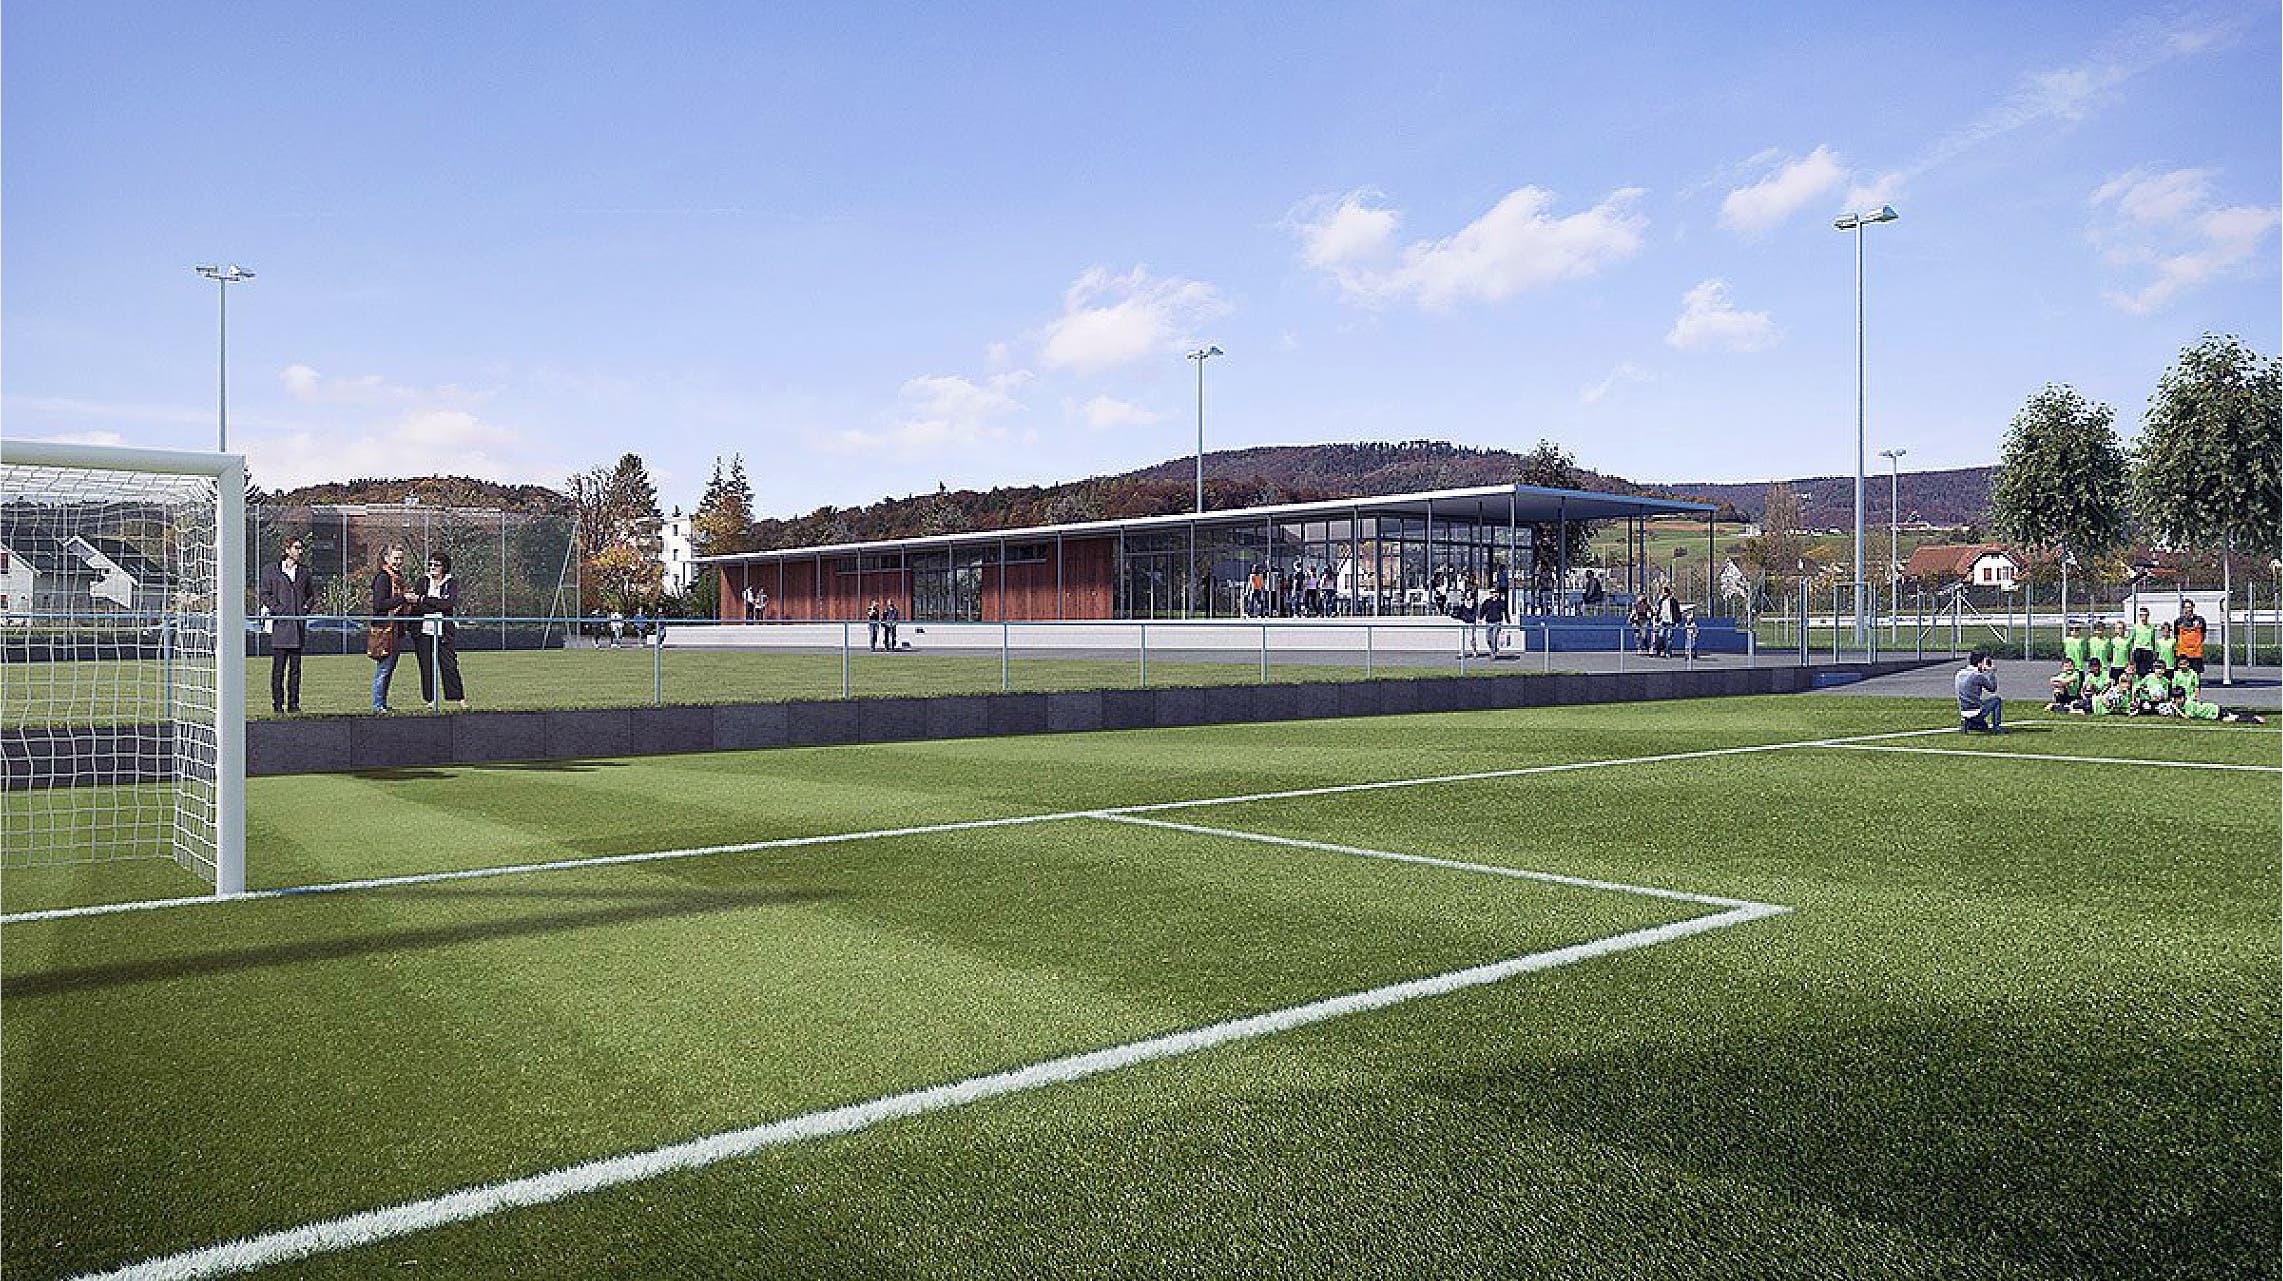 Visualisierung der neuen Sportanlage Breite mit Blick auf das neue Klubhaus.